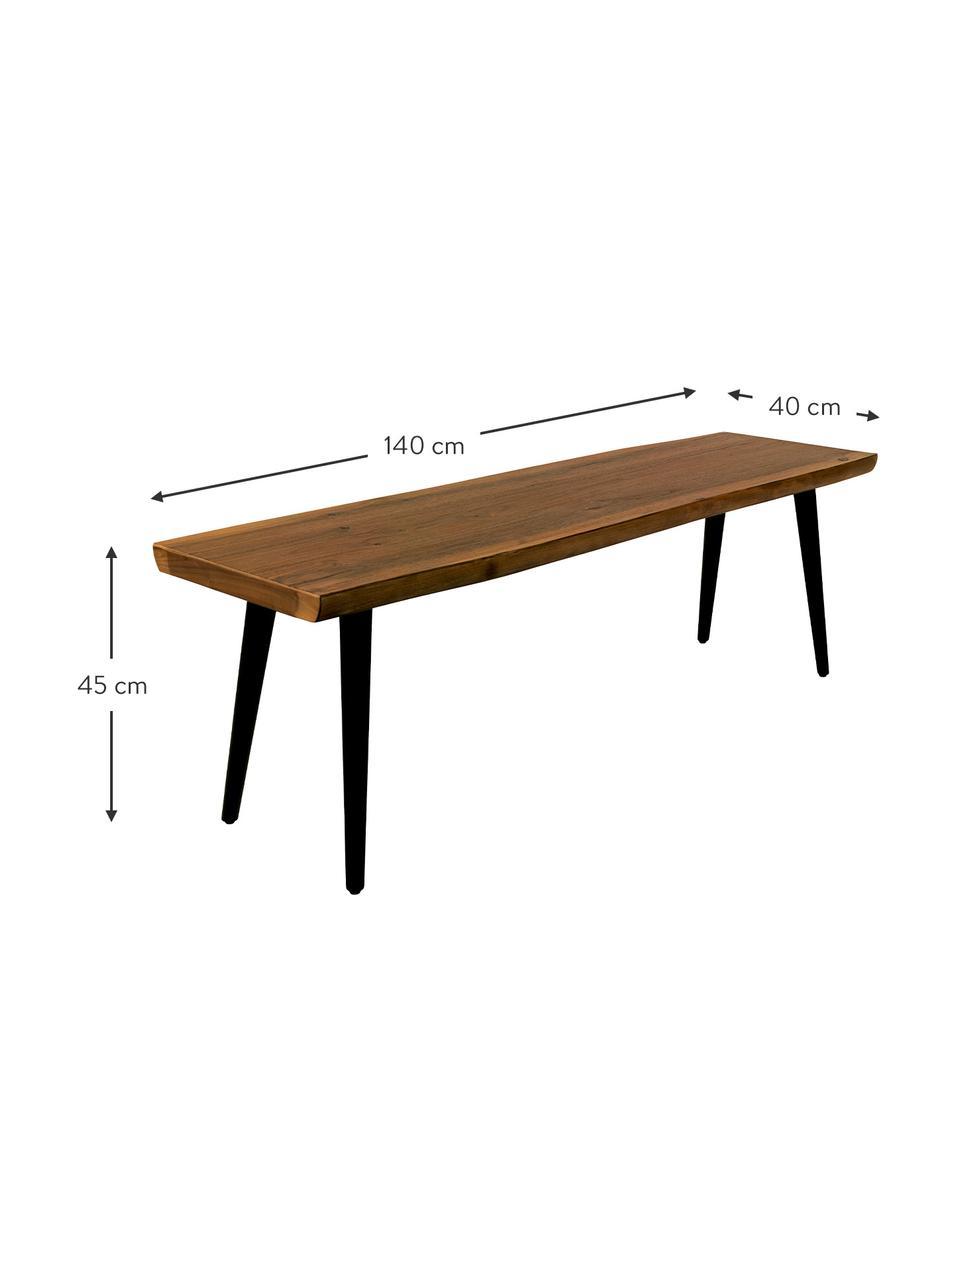 Sitzbank Alagon mit Baumkante, Sitzfläche: Mitteldichte Faserplatte , Beine: Stahl, pulverbeschichtet, Walnuss, 140 x 45 cm